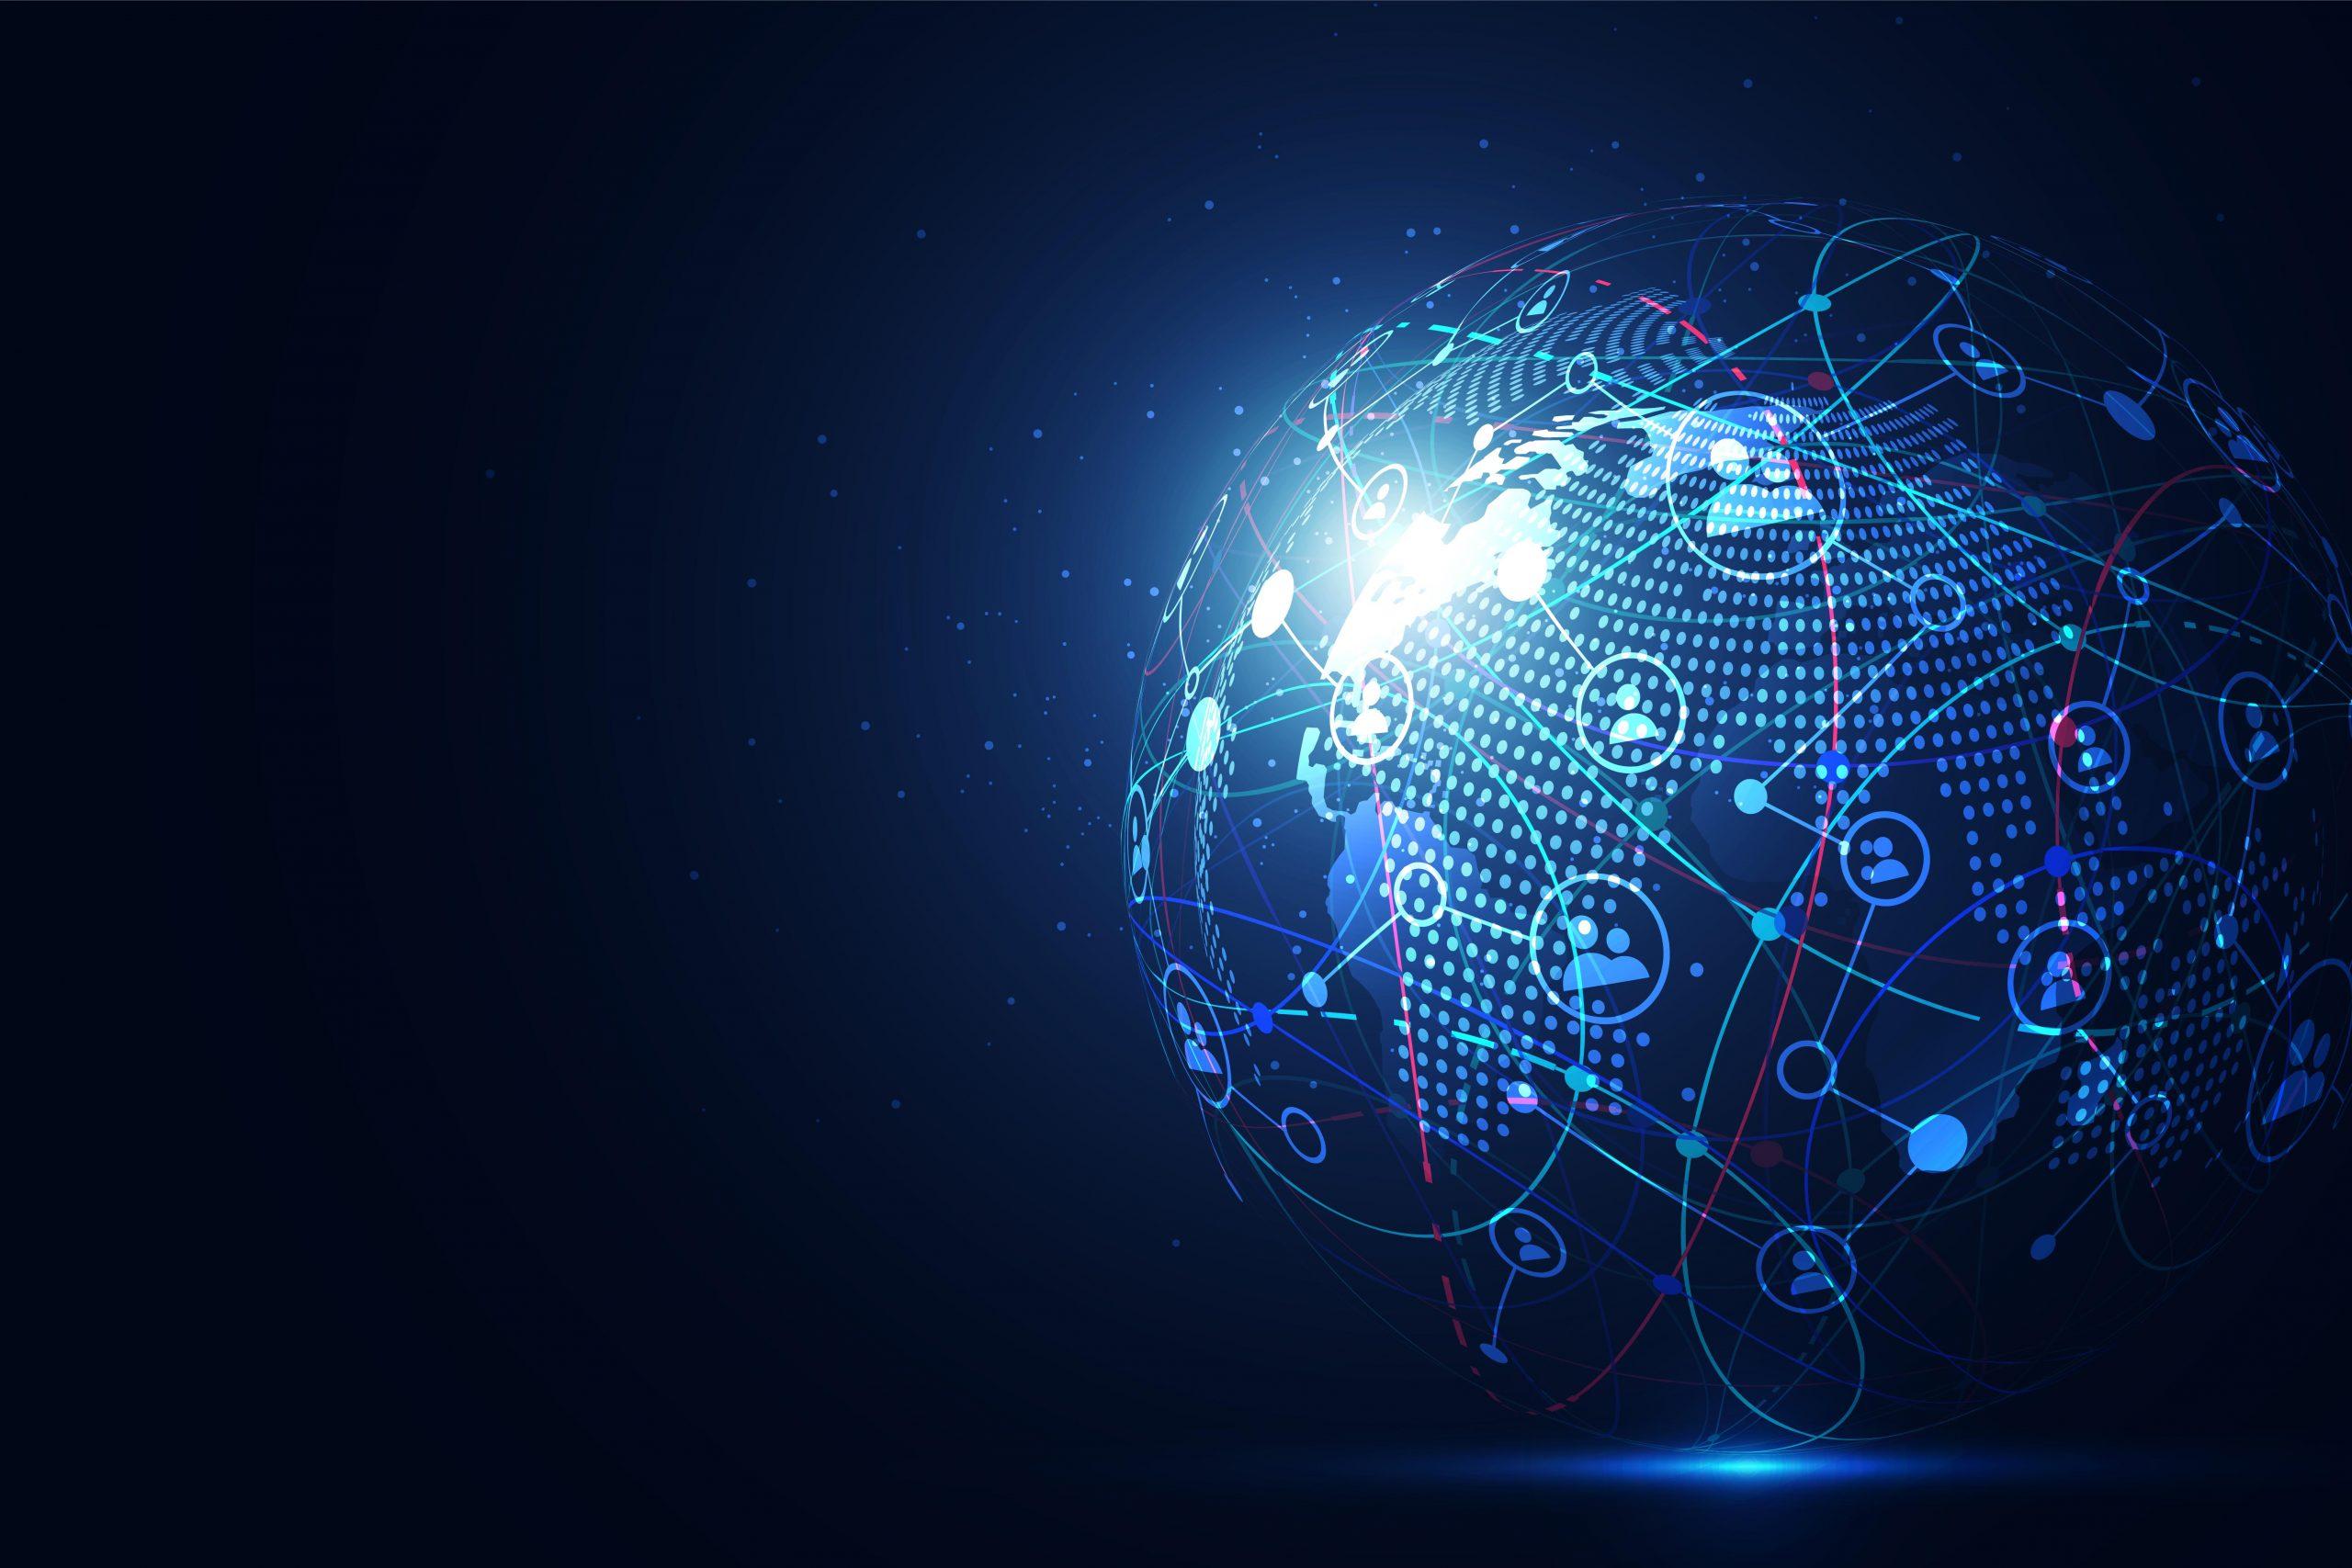 Mercado digital: 6 tendências pós-pandemia para as empresas se reinventarem